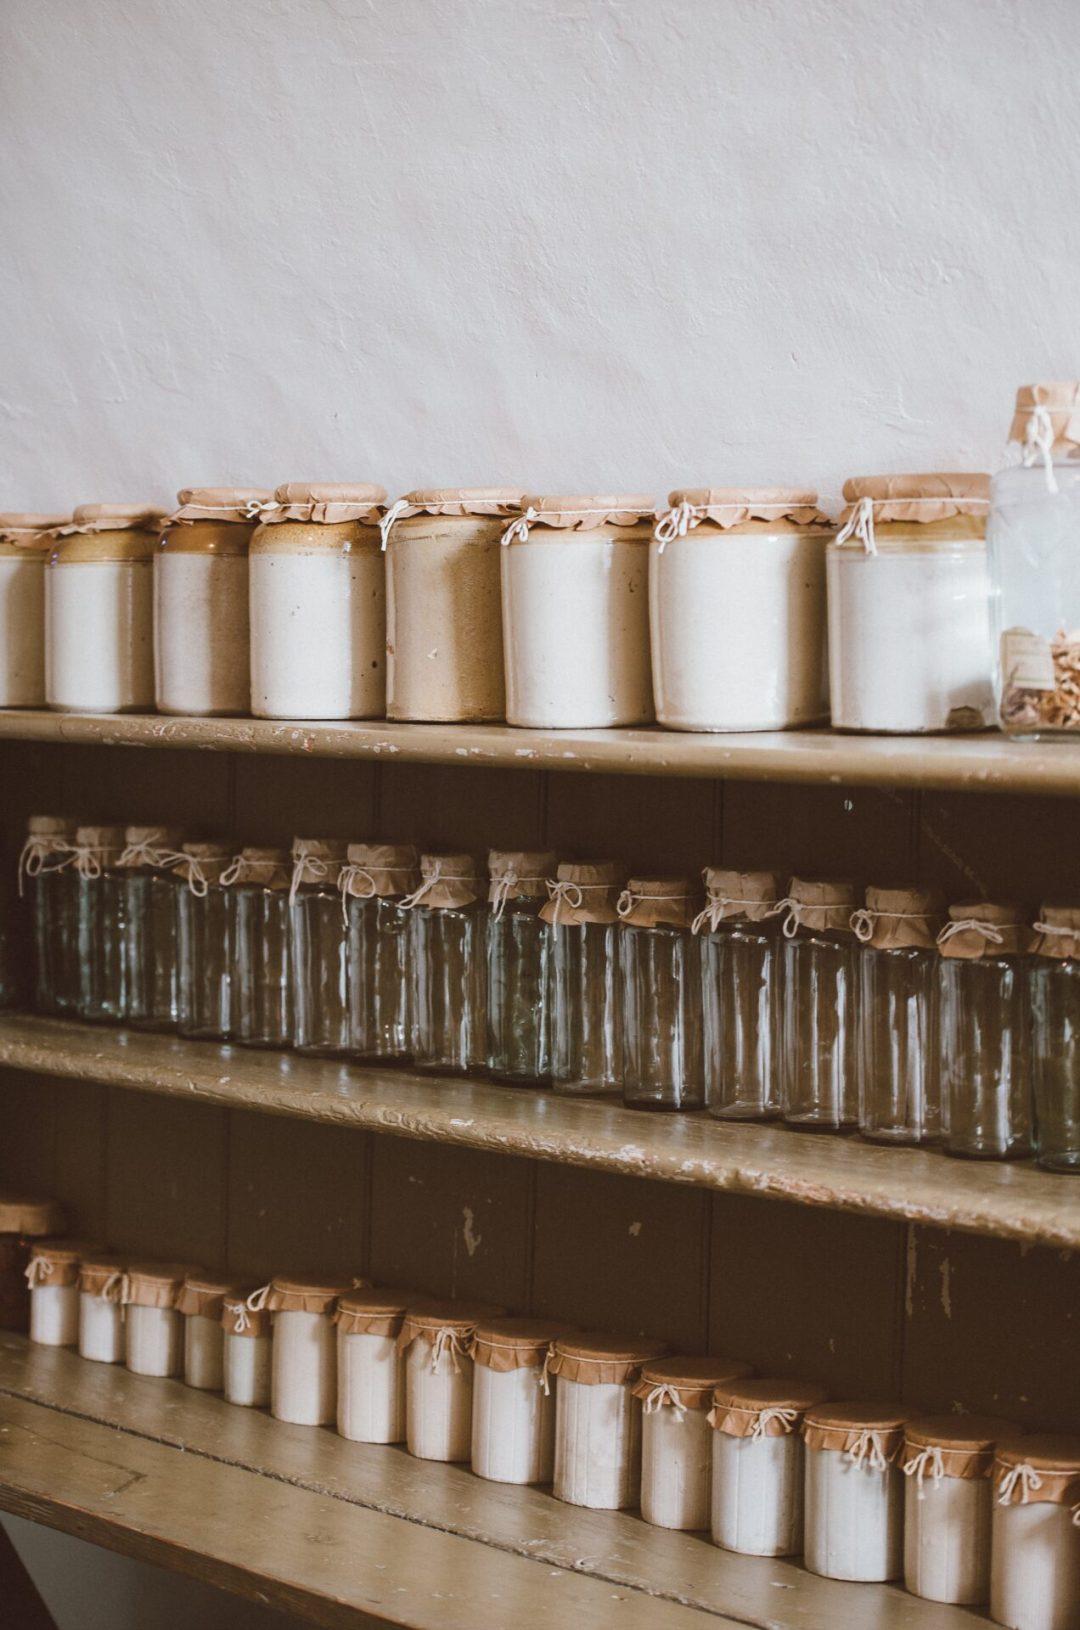 annie-spratt-370980 Where To Find Wholesale Braggs Apple Cider Vinegar and PET Plastic Bottles in Nigeria